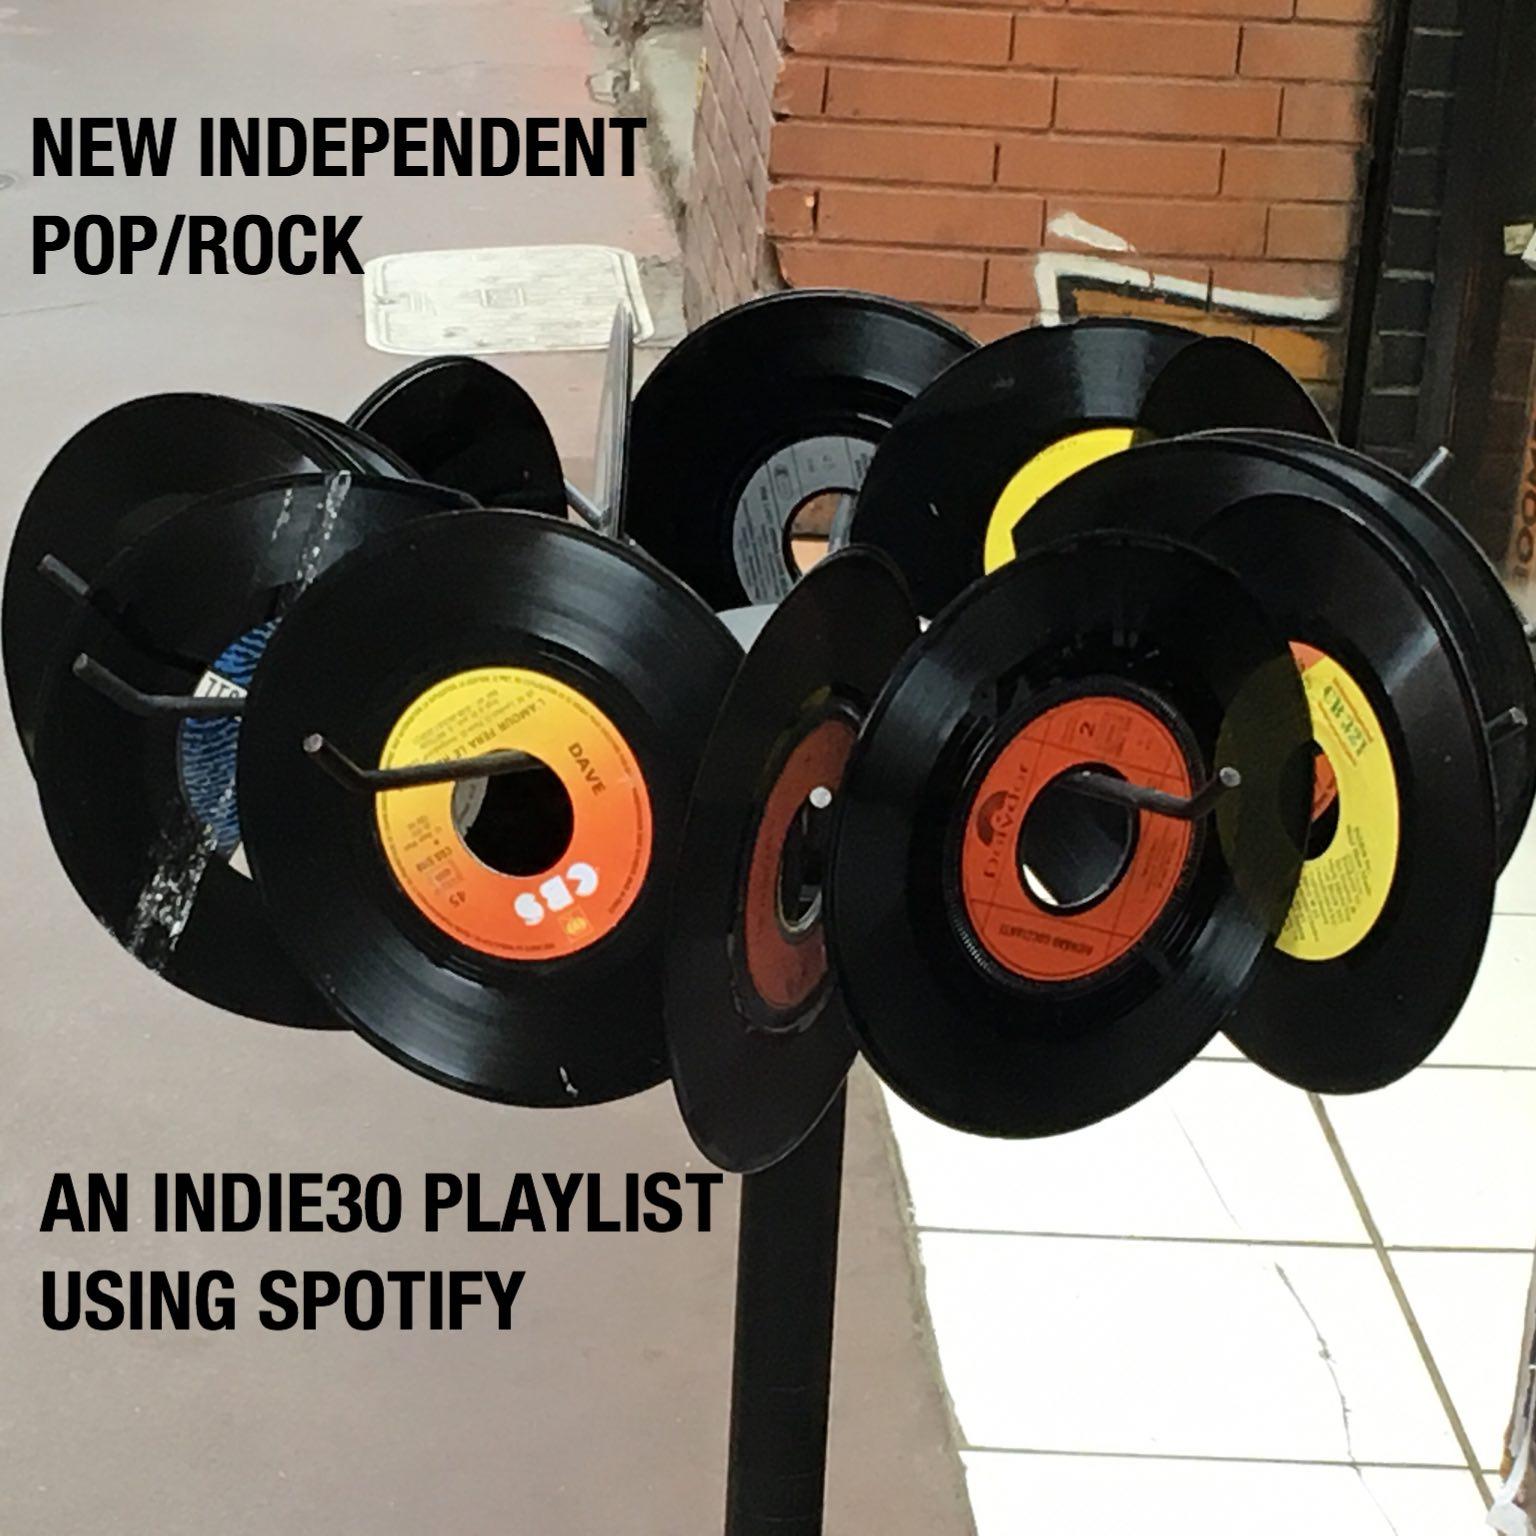 NEW INDEPENDENT POP/ROCK – AN INDIE30 PLAYLIST UPDATE